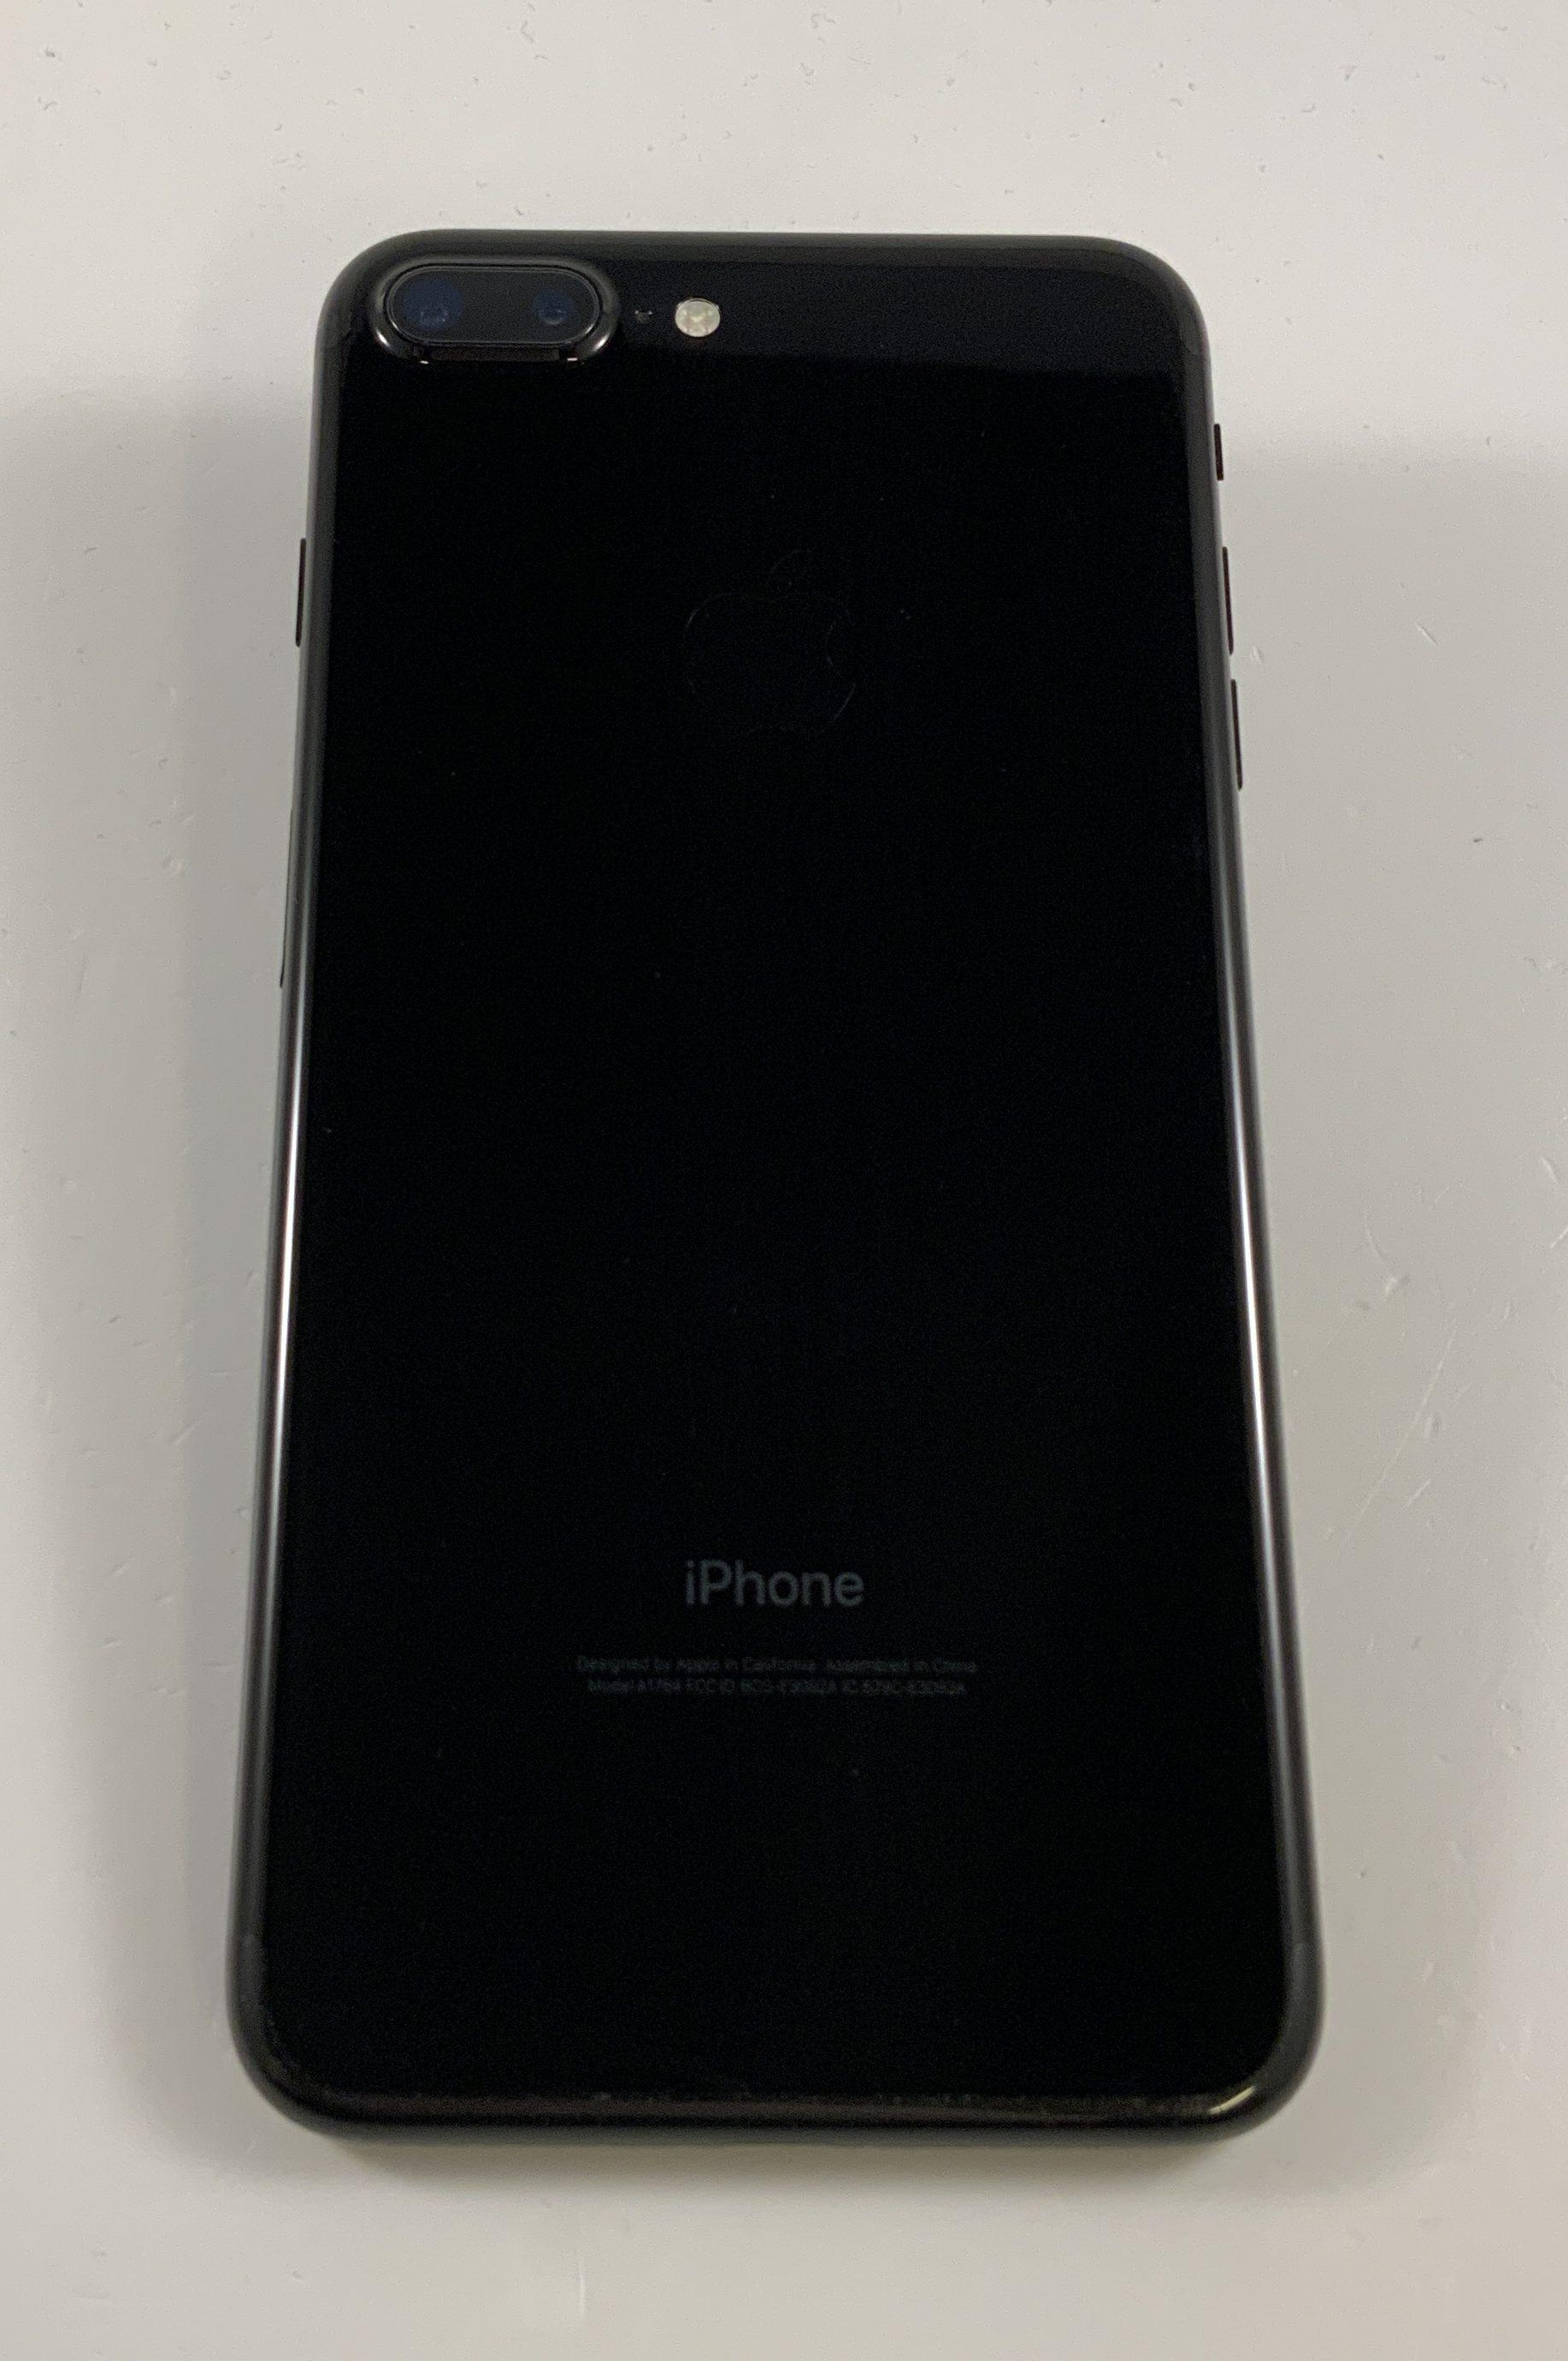 iPhone 7 Plus 128GB, 128GB, Jet Black, imagen 2